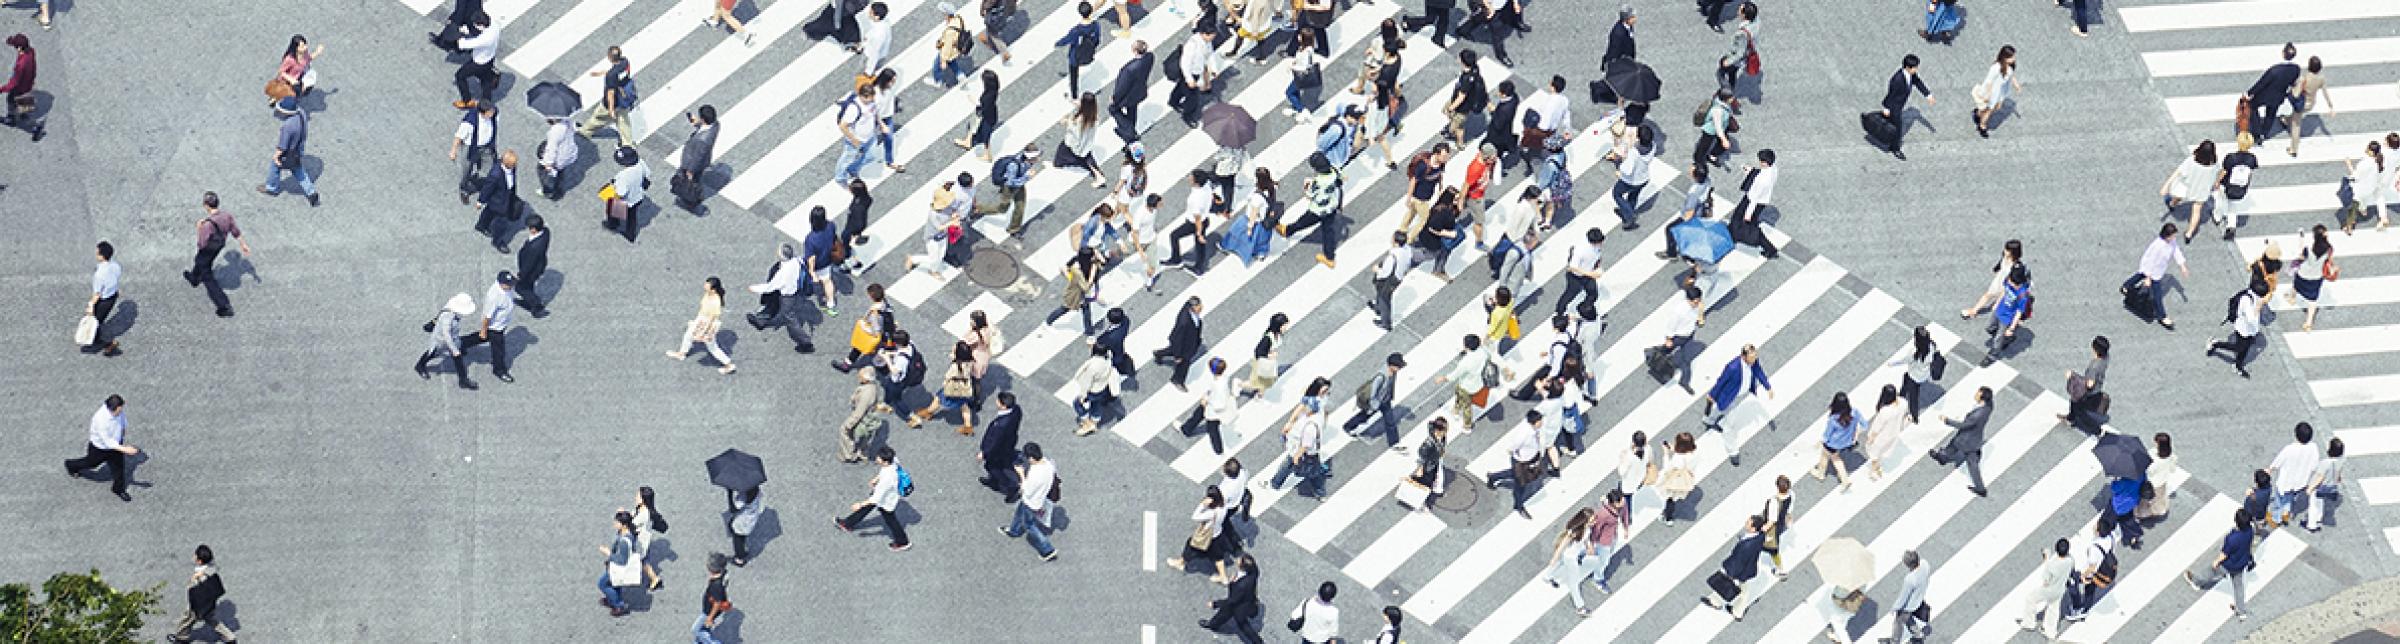 Un incrocio metropolitano con più attraversamenti pedonali e persone che li percorrono